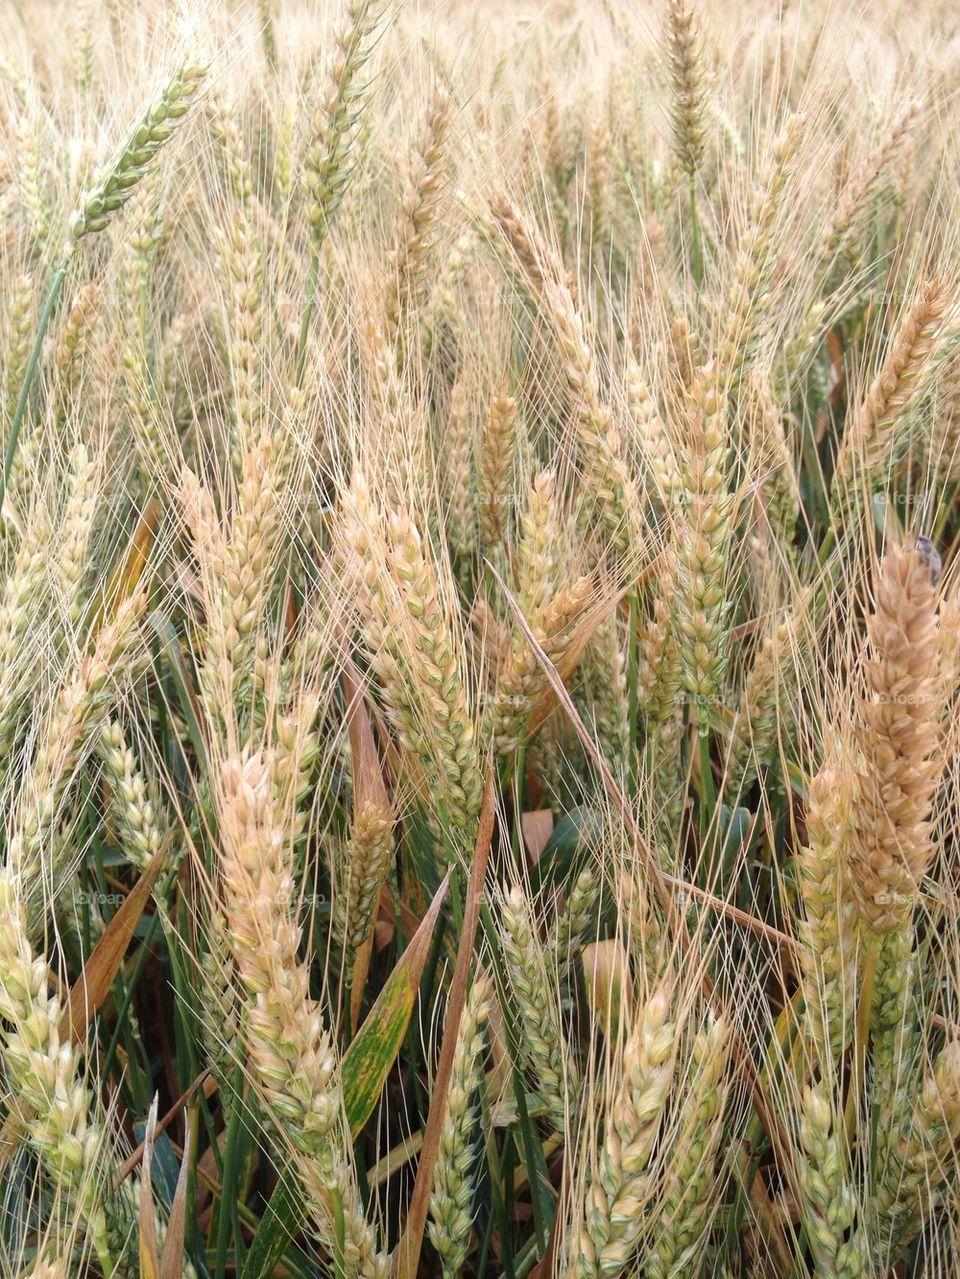 Close-up of barley grass